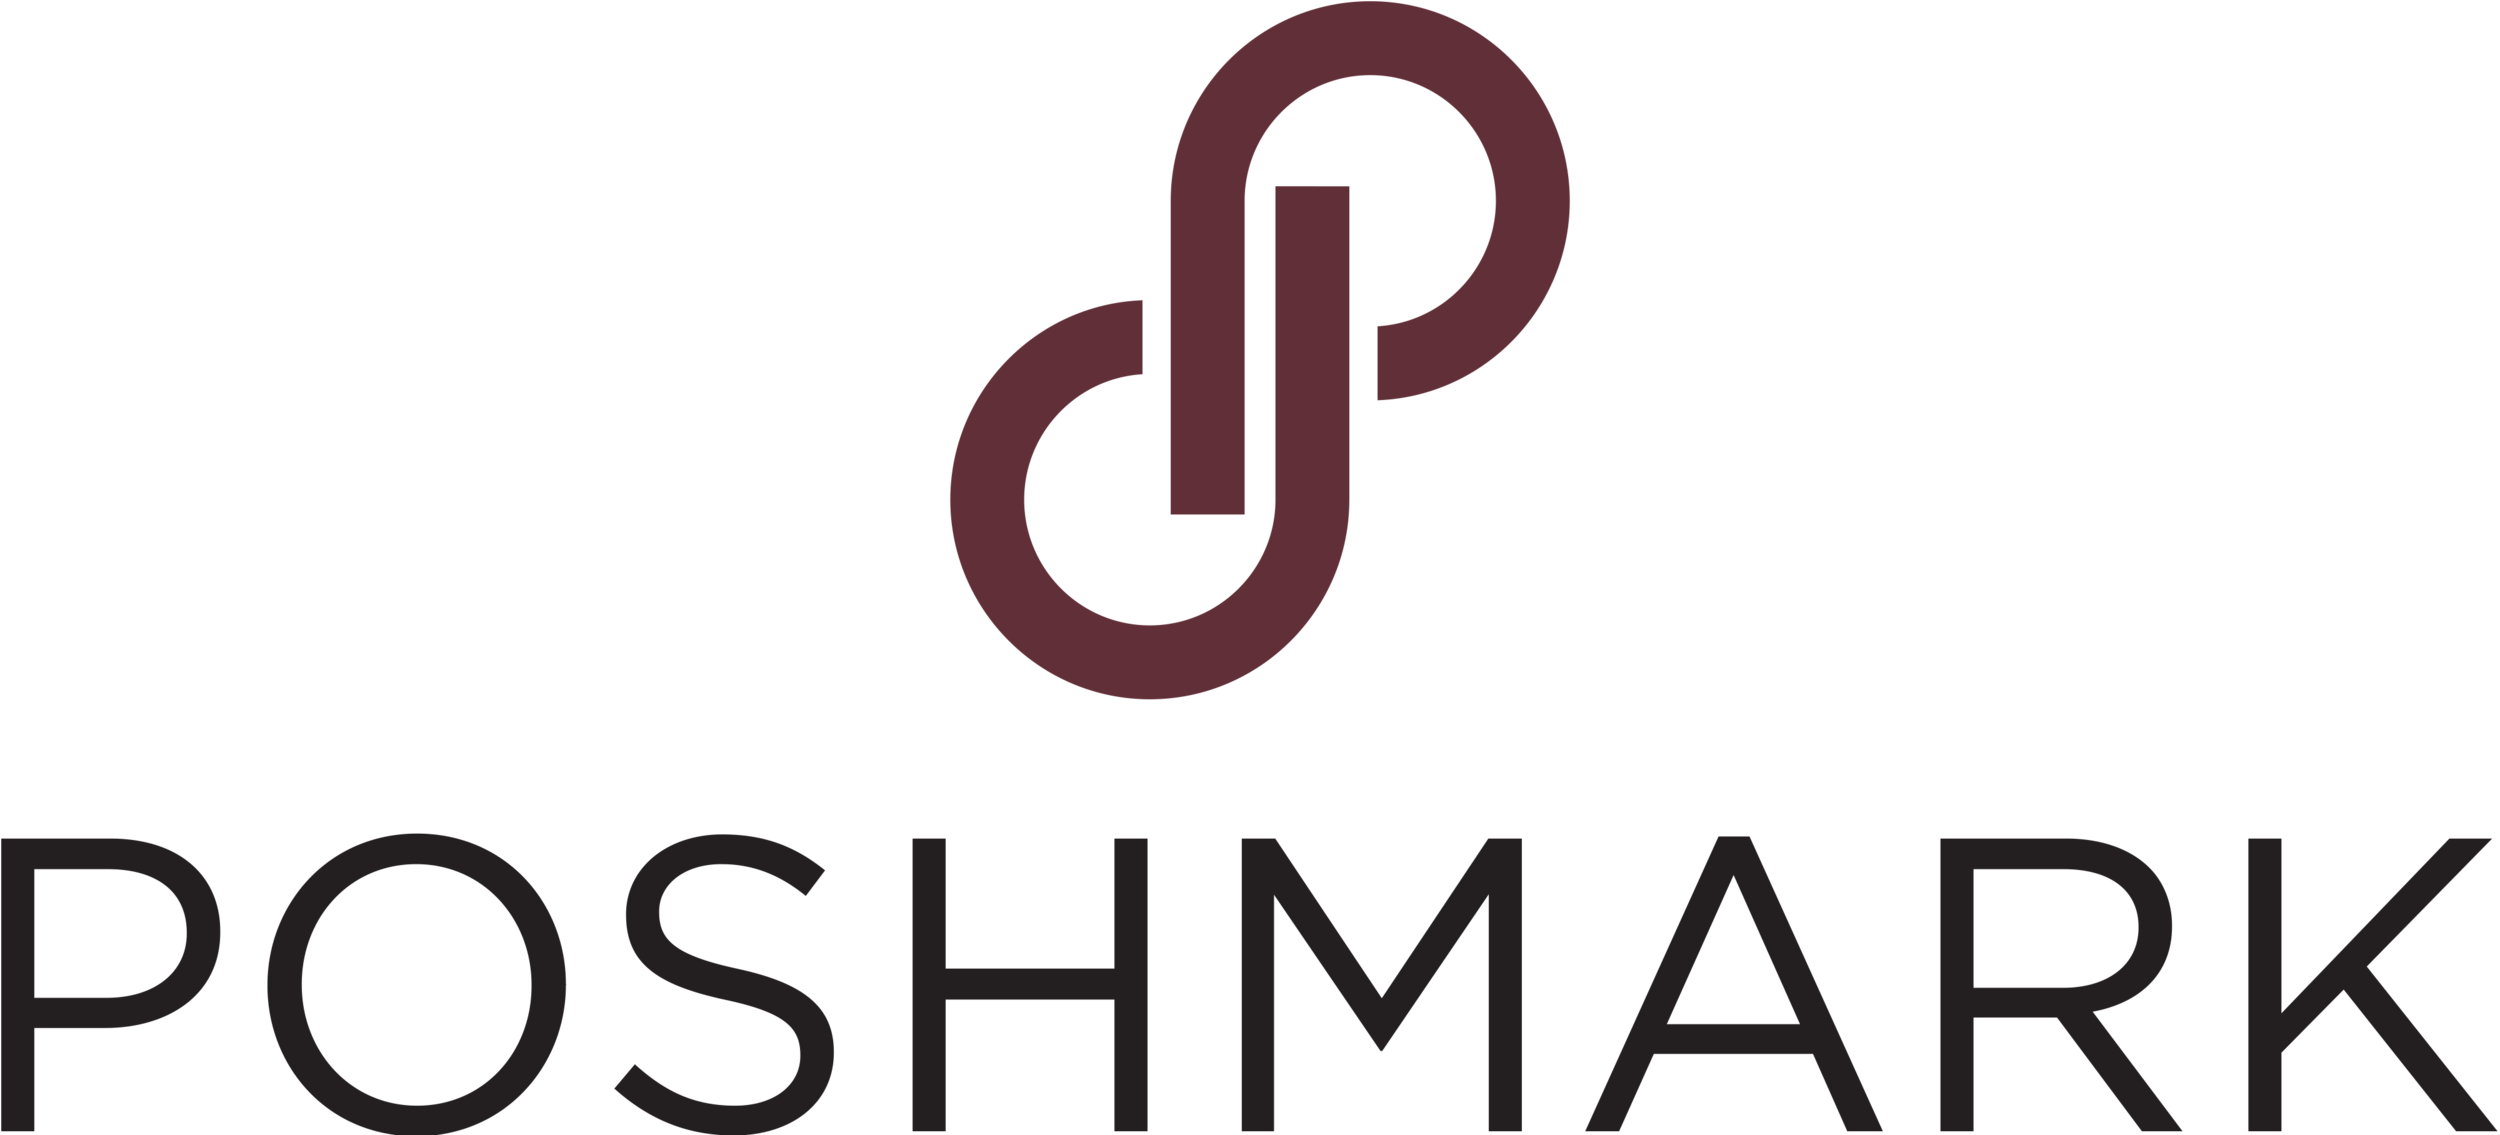 PM-logo-large.png